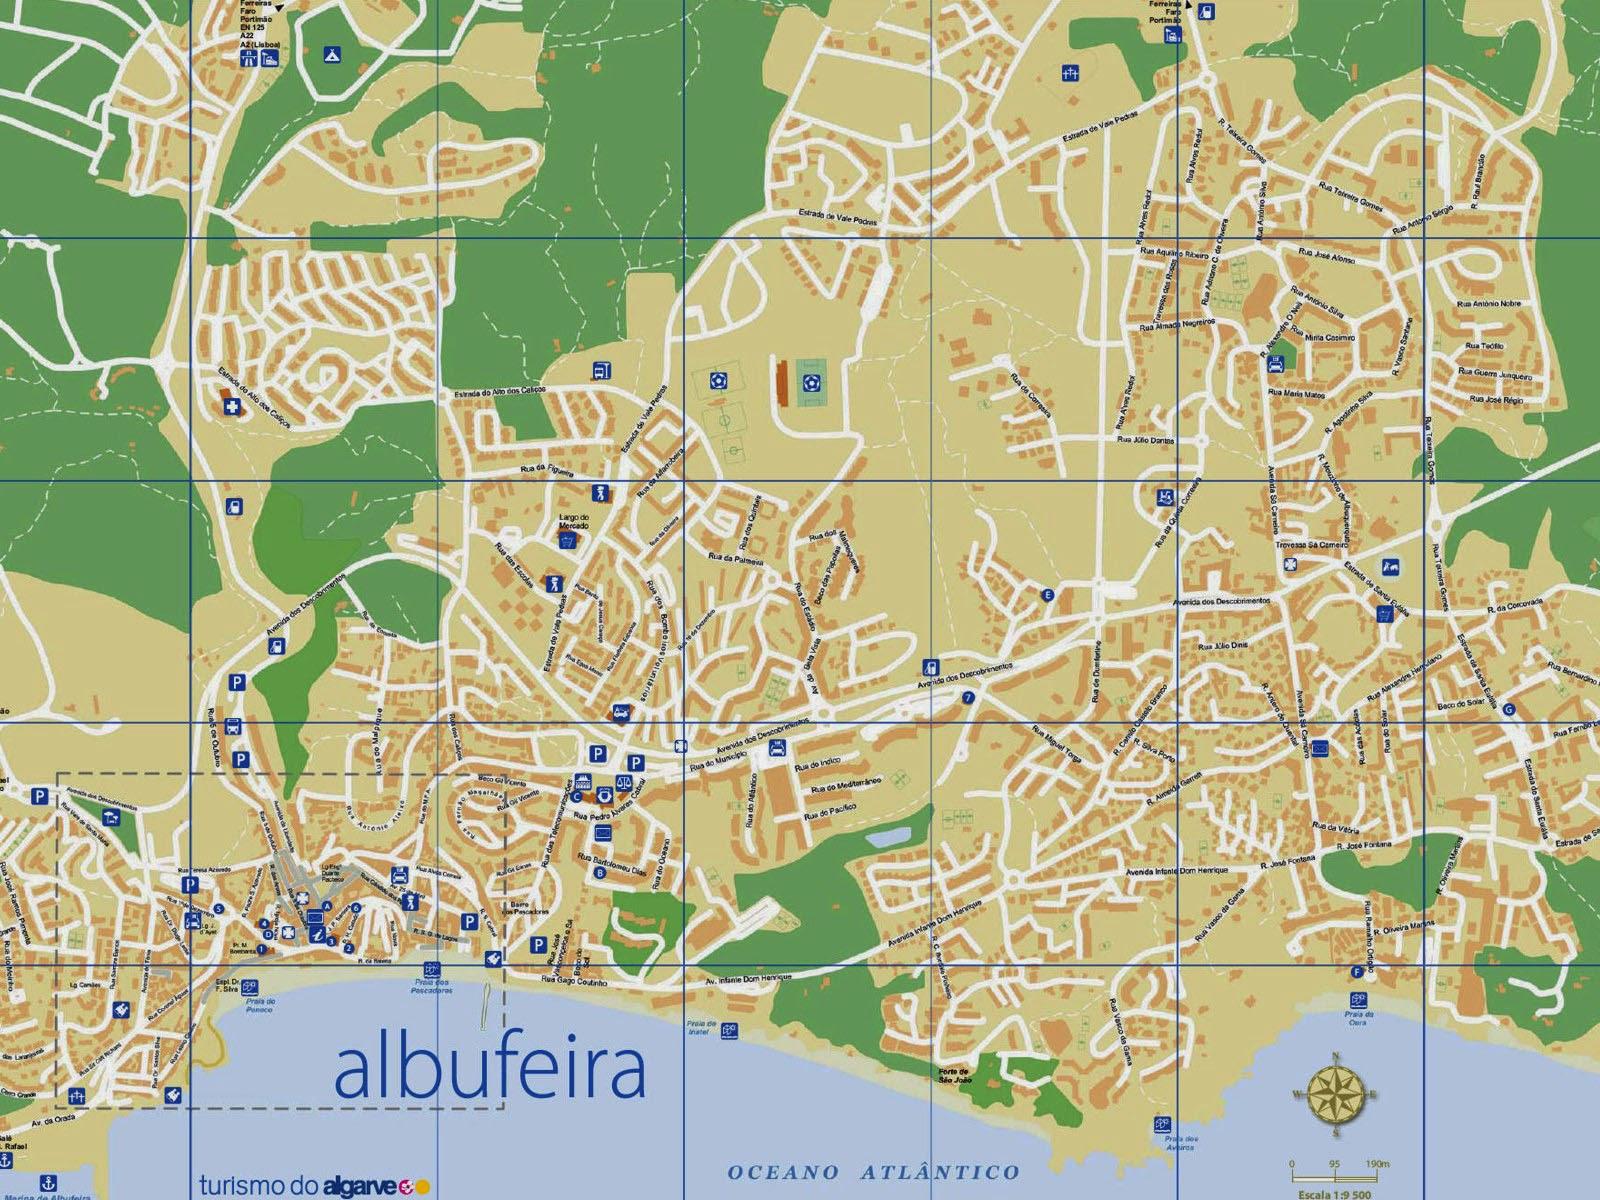 mapa de albufeira portugal Mapas de Albufeira   Portugal | MapasBlog mapa de albufeira portugal